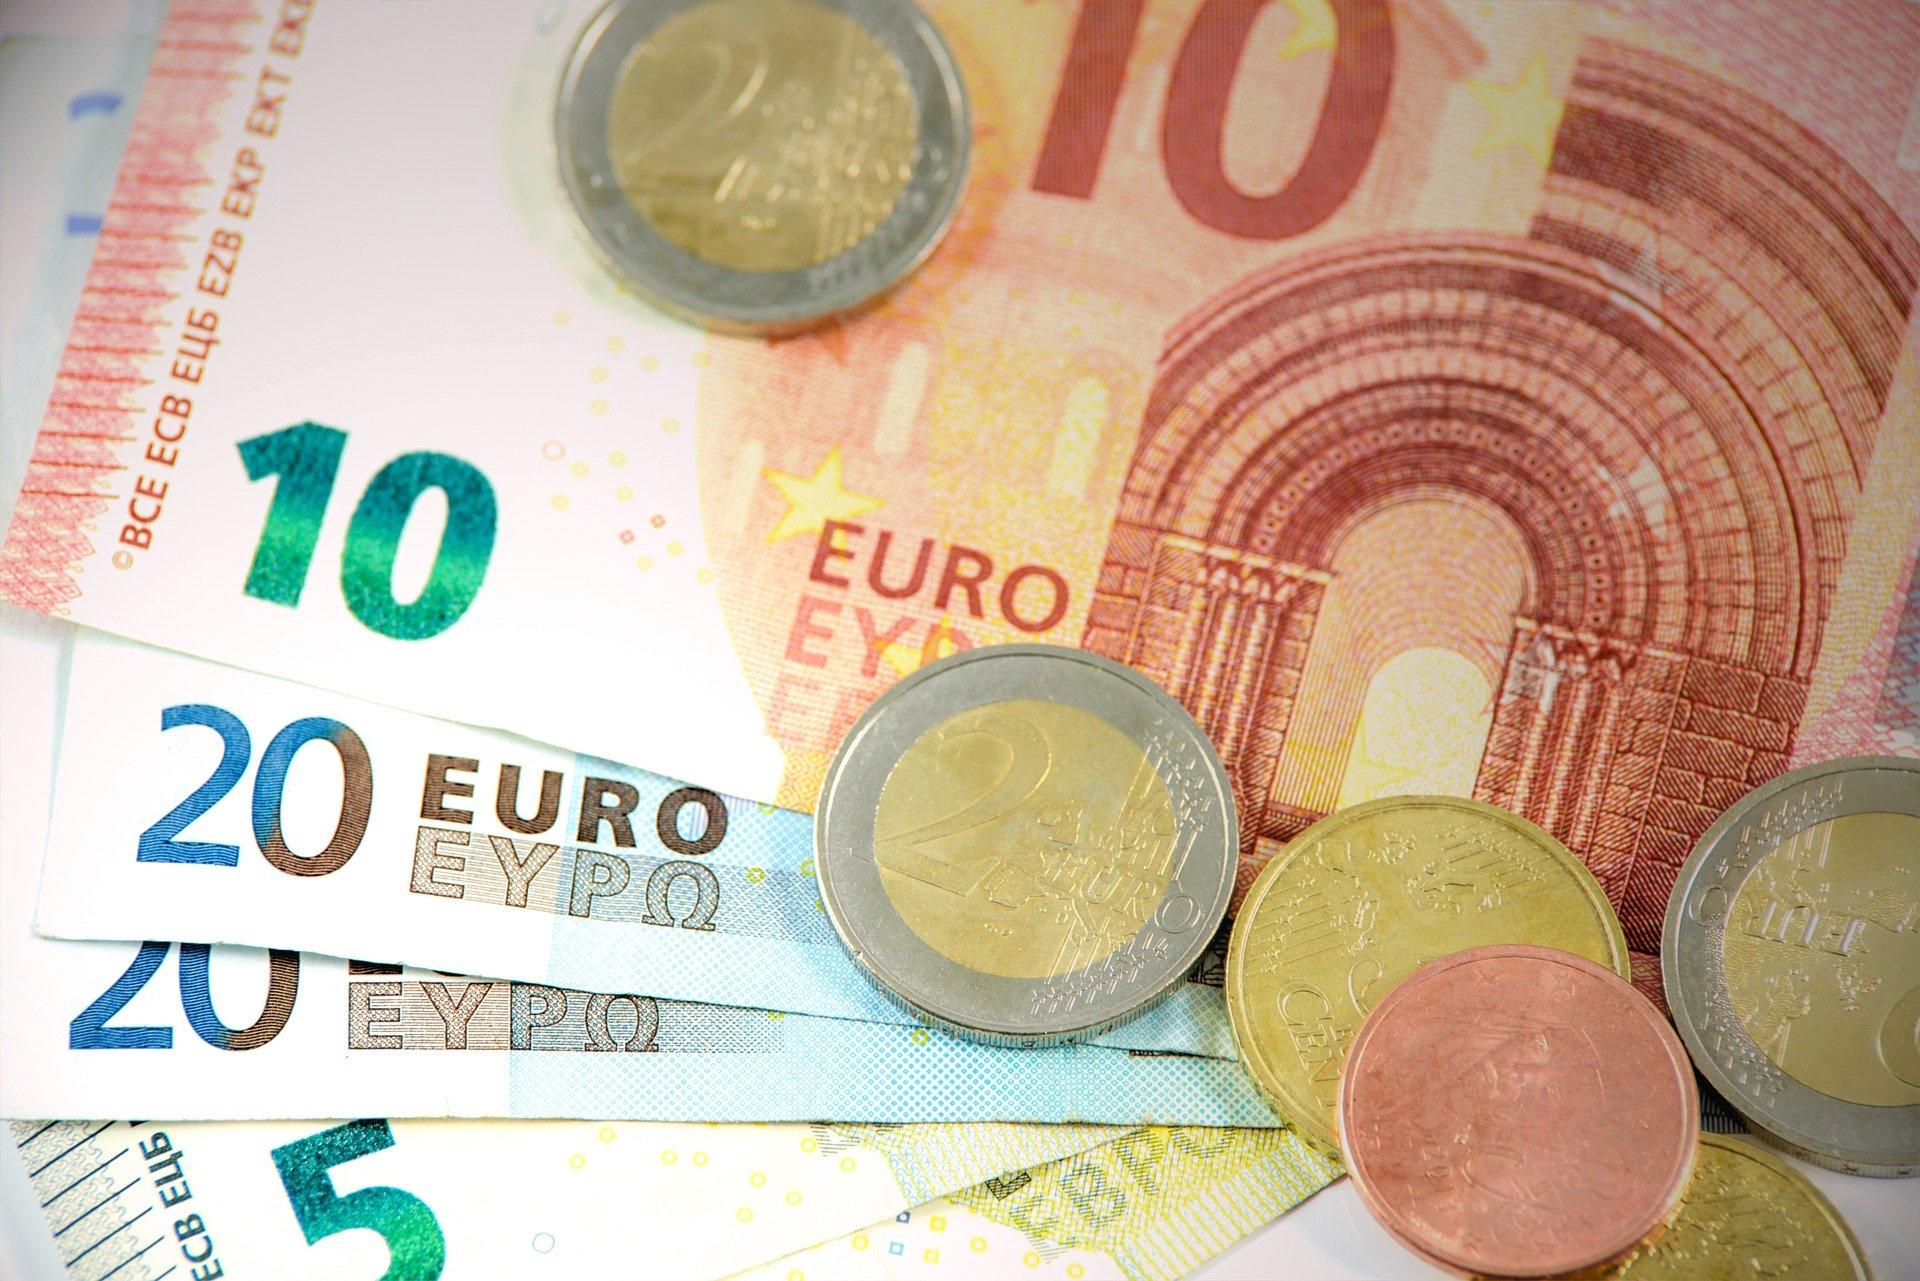 Le budget 2021 du Territoire de Belfort a été adopté ce jeudi matin. (Image par Photo Mix de Pixabay )